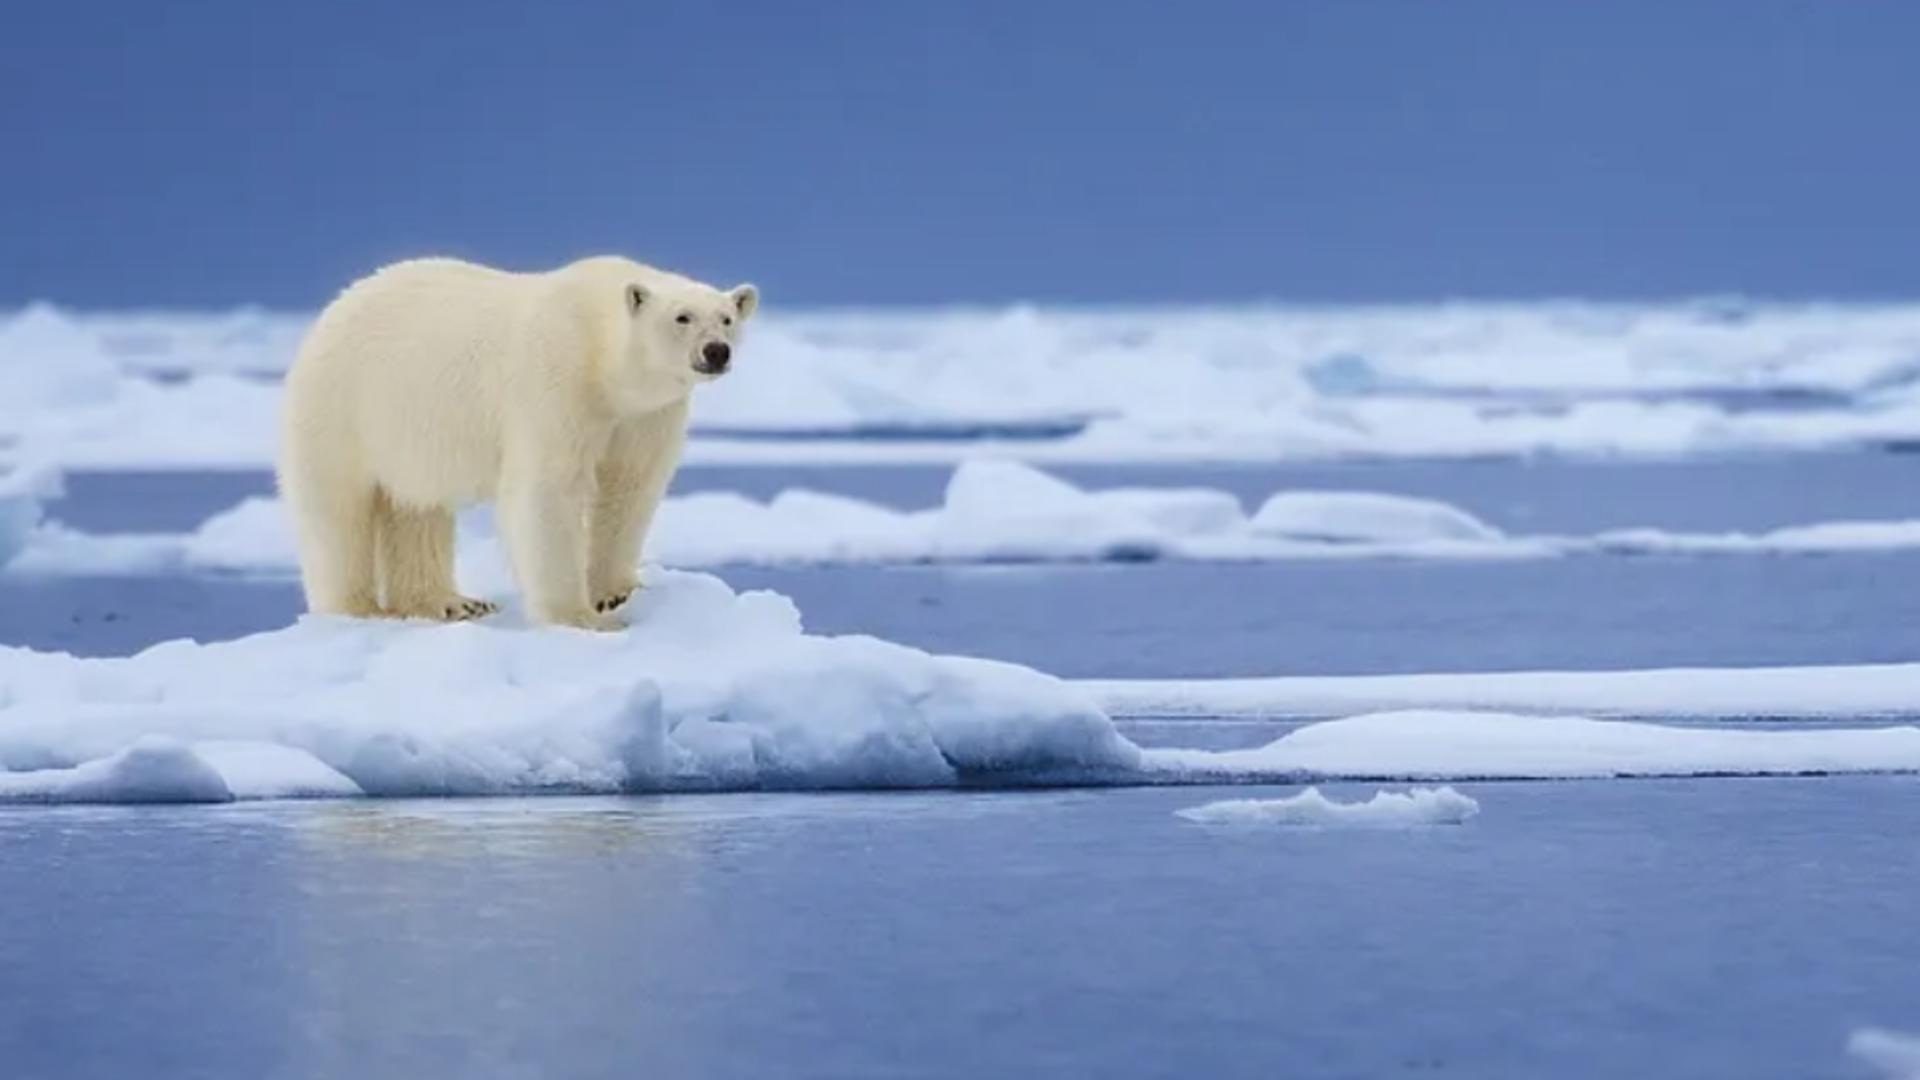 Căldură SUFOCANTĂ la Cercul Polar arctic: Temperatură-record în prima zi de vară